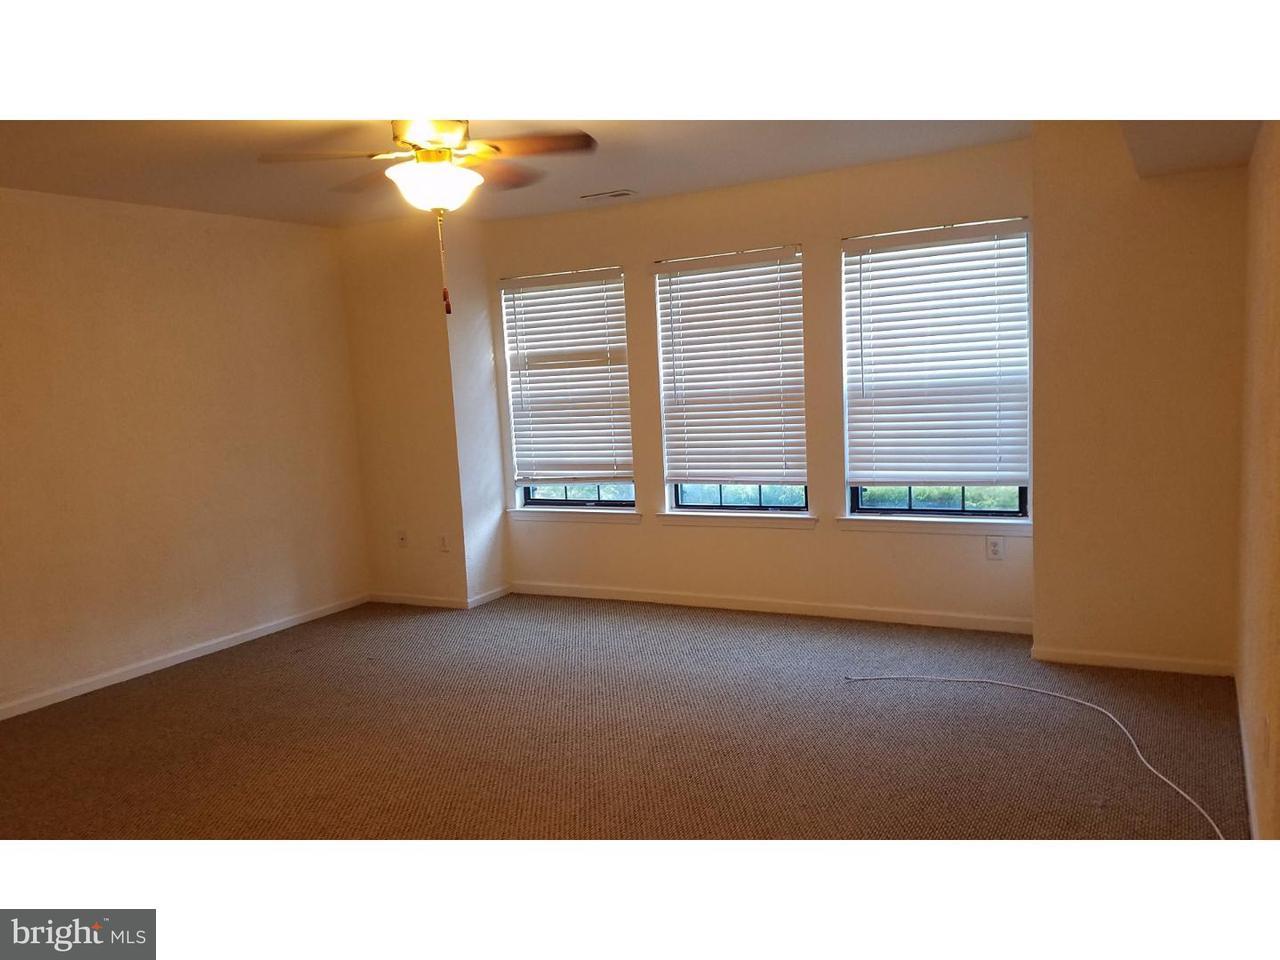 Condominium for Rent at 41 BRIDGEWATER Drive Evesham Twp, New Jersey 08053 United States